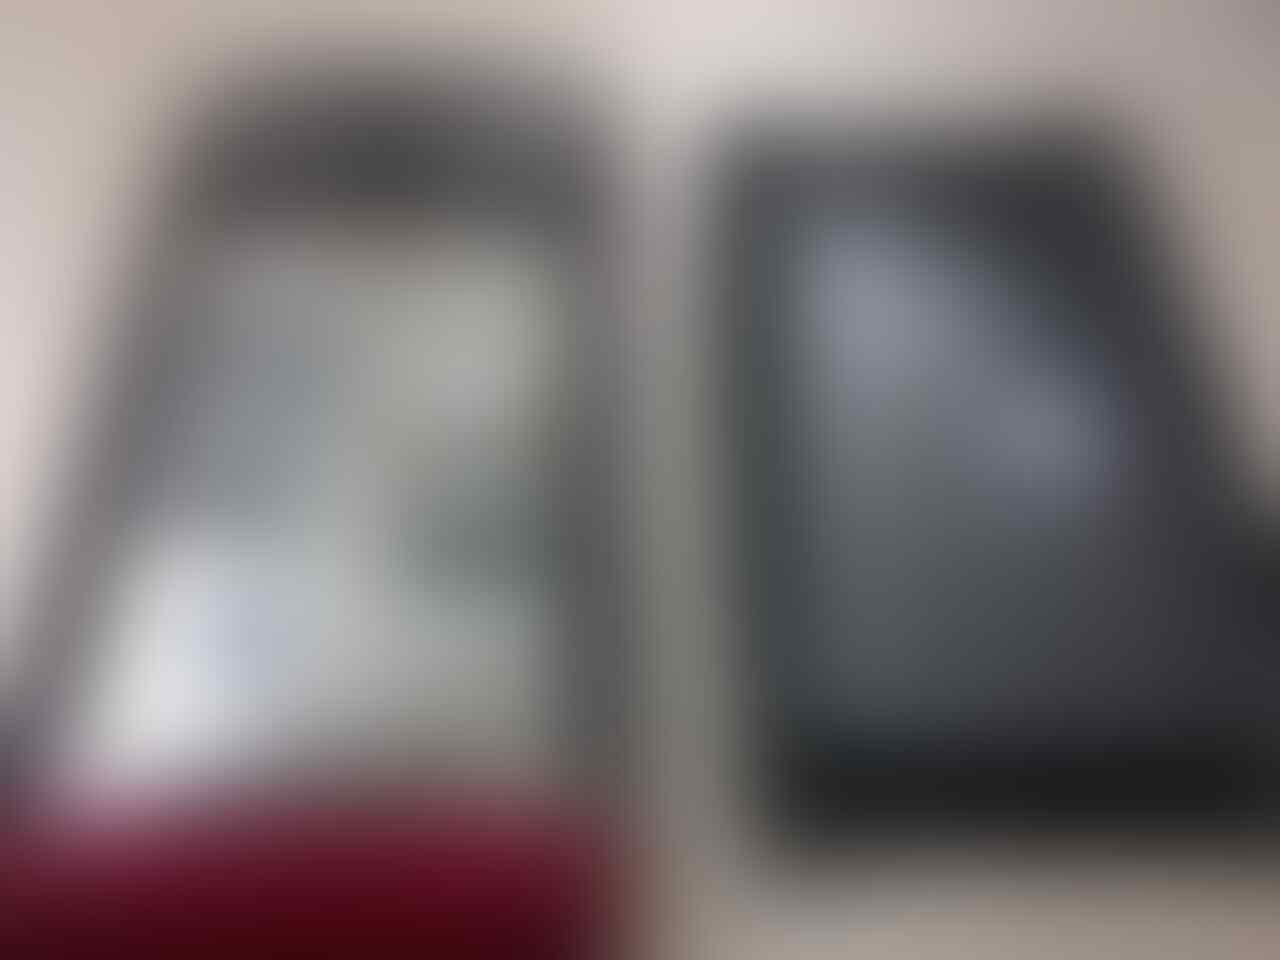 [WTS] Samsung Galaxy Y cdma + Nokia ASHA 311